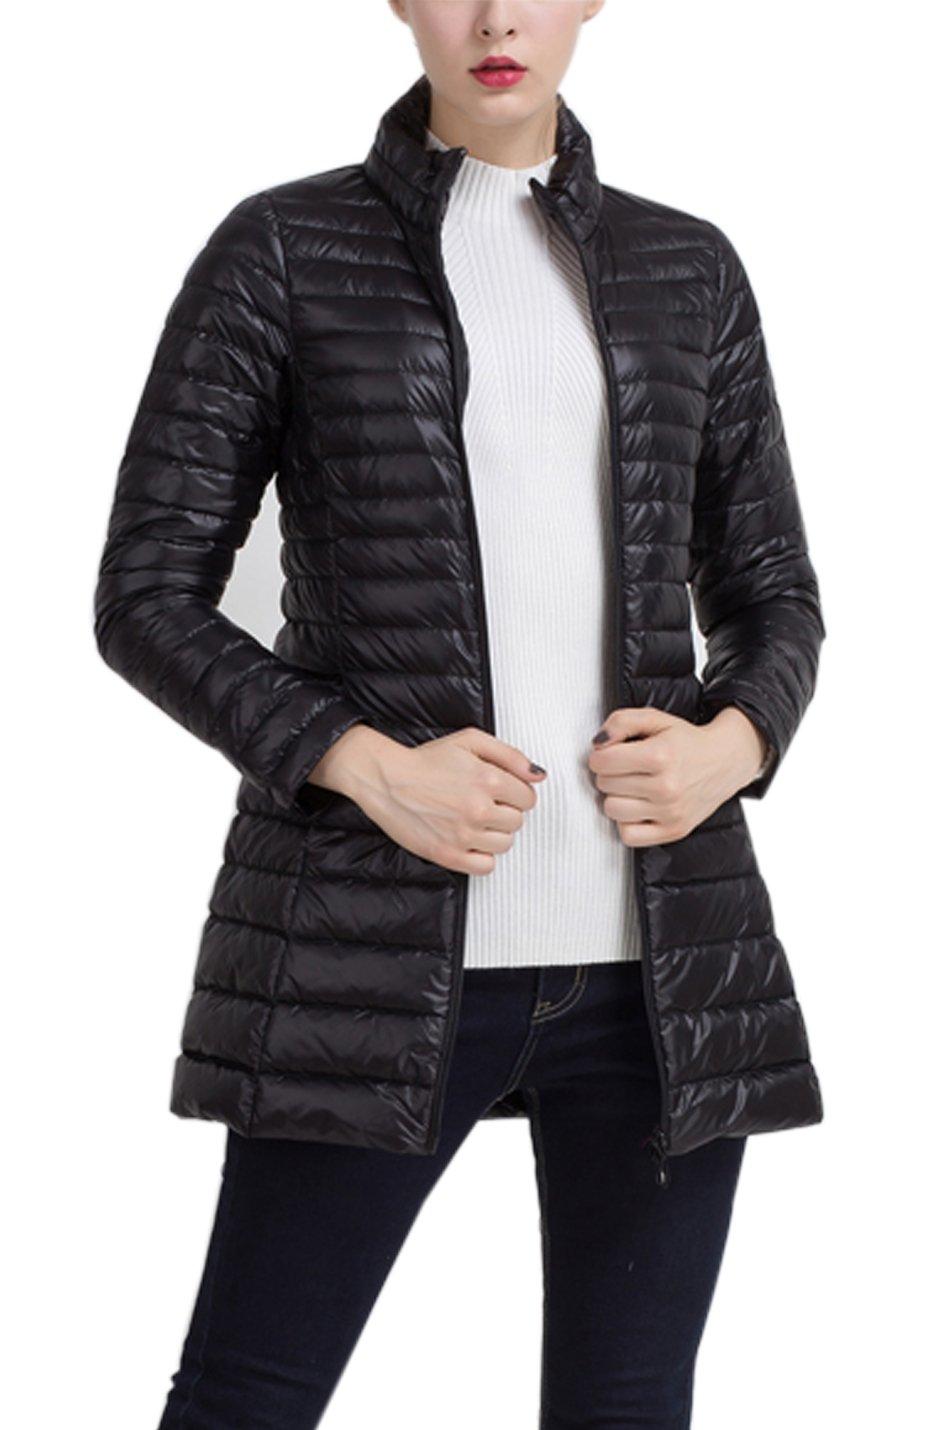 Gihuo Women's Packable Ultralight Long Puffer Jacket Coat Windbreaker (X-Large, Black)